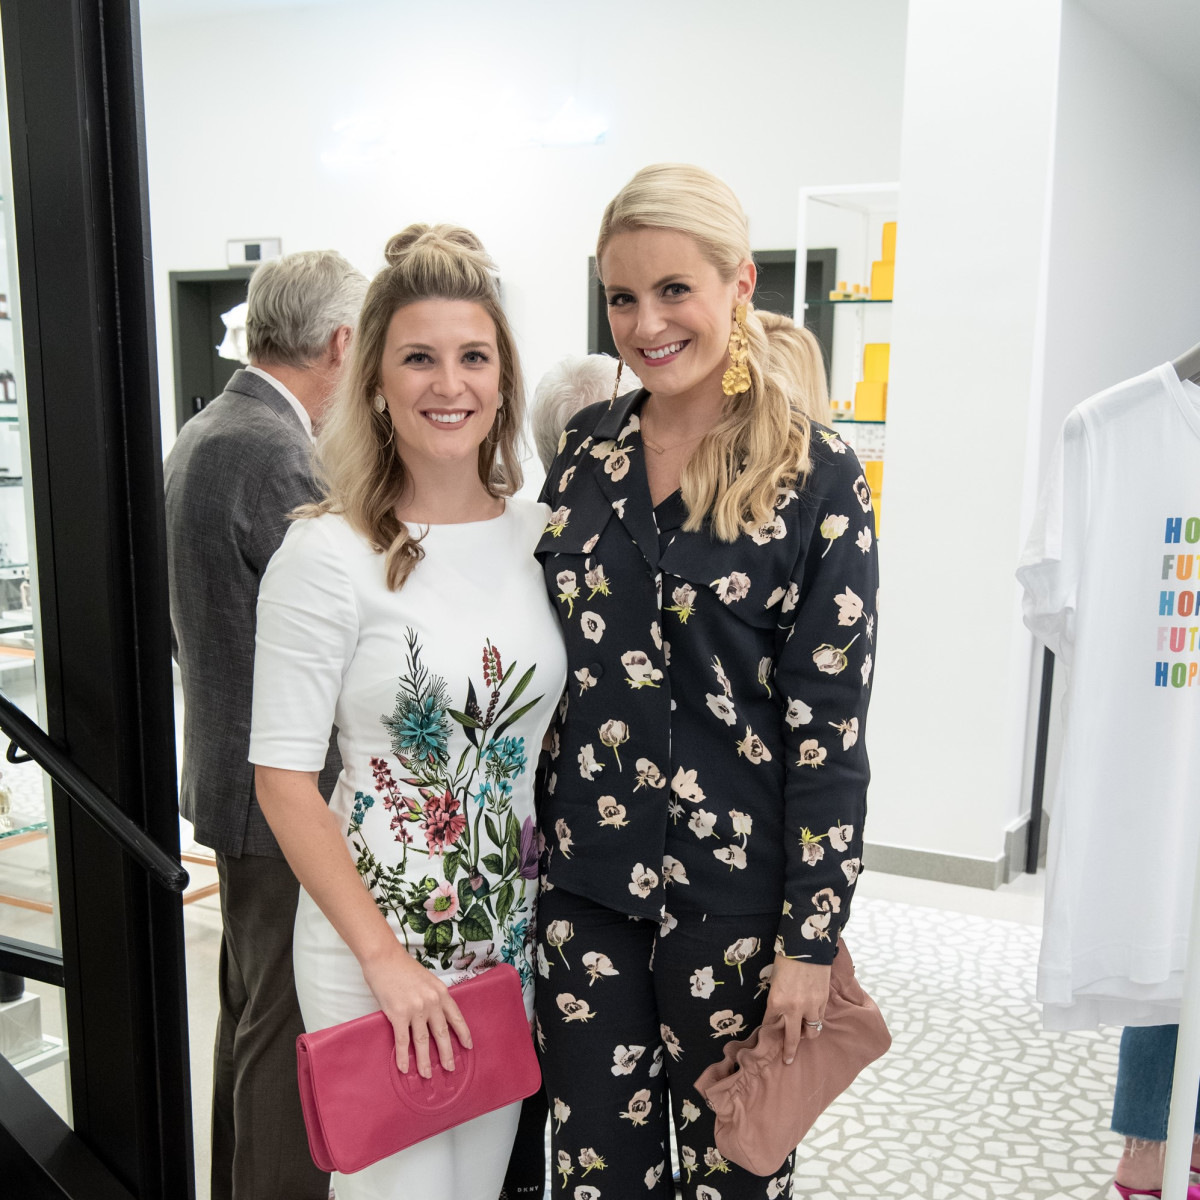 Jessica Smotherman, Lauren Cavenaghi